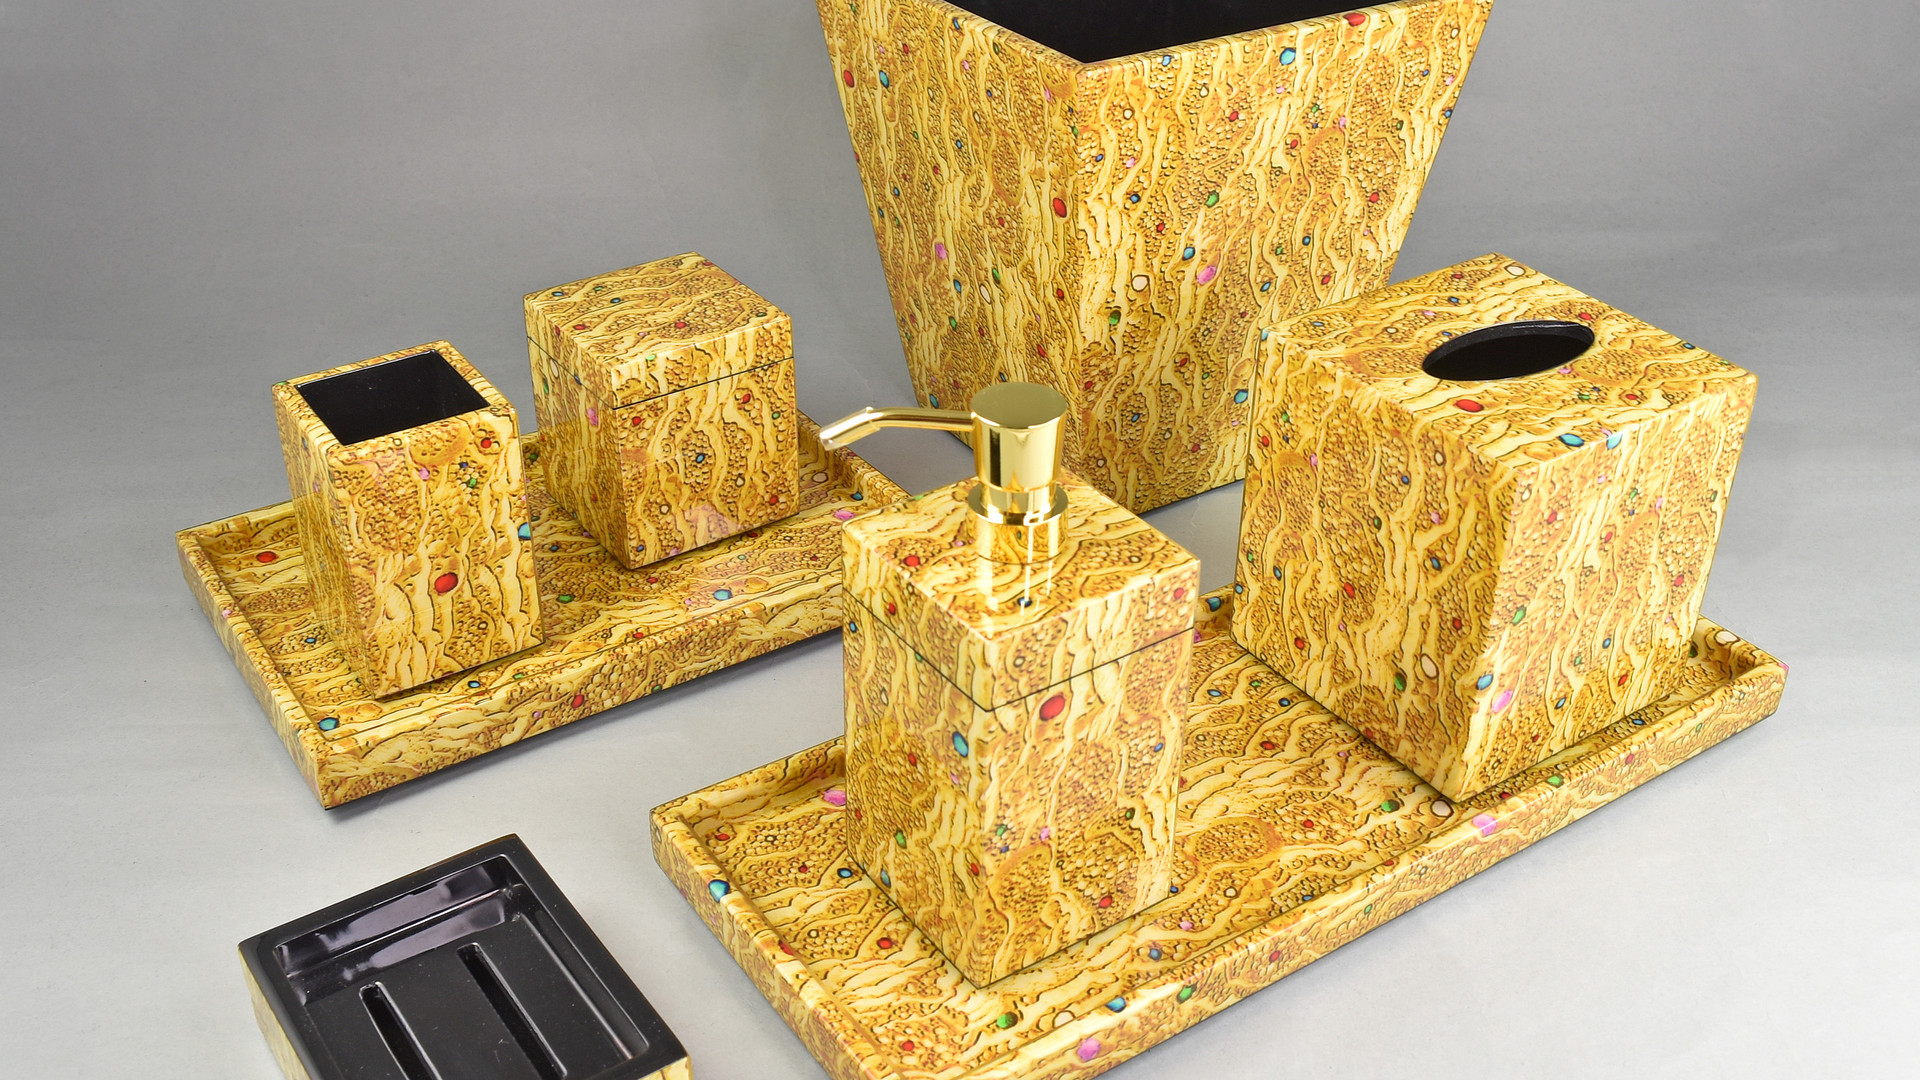 Golden Jewels Bathset.jpg